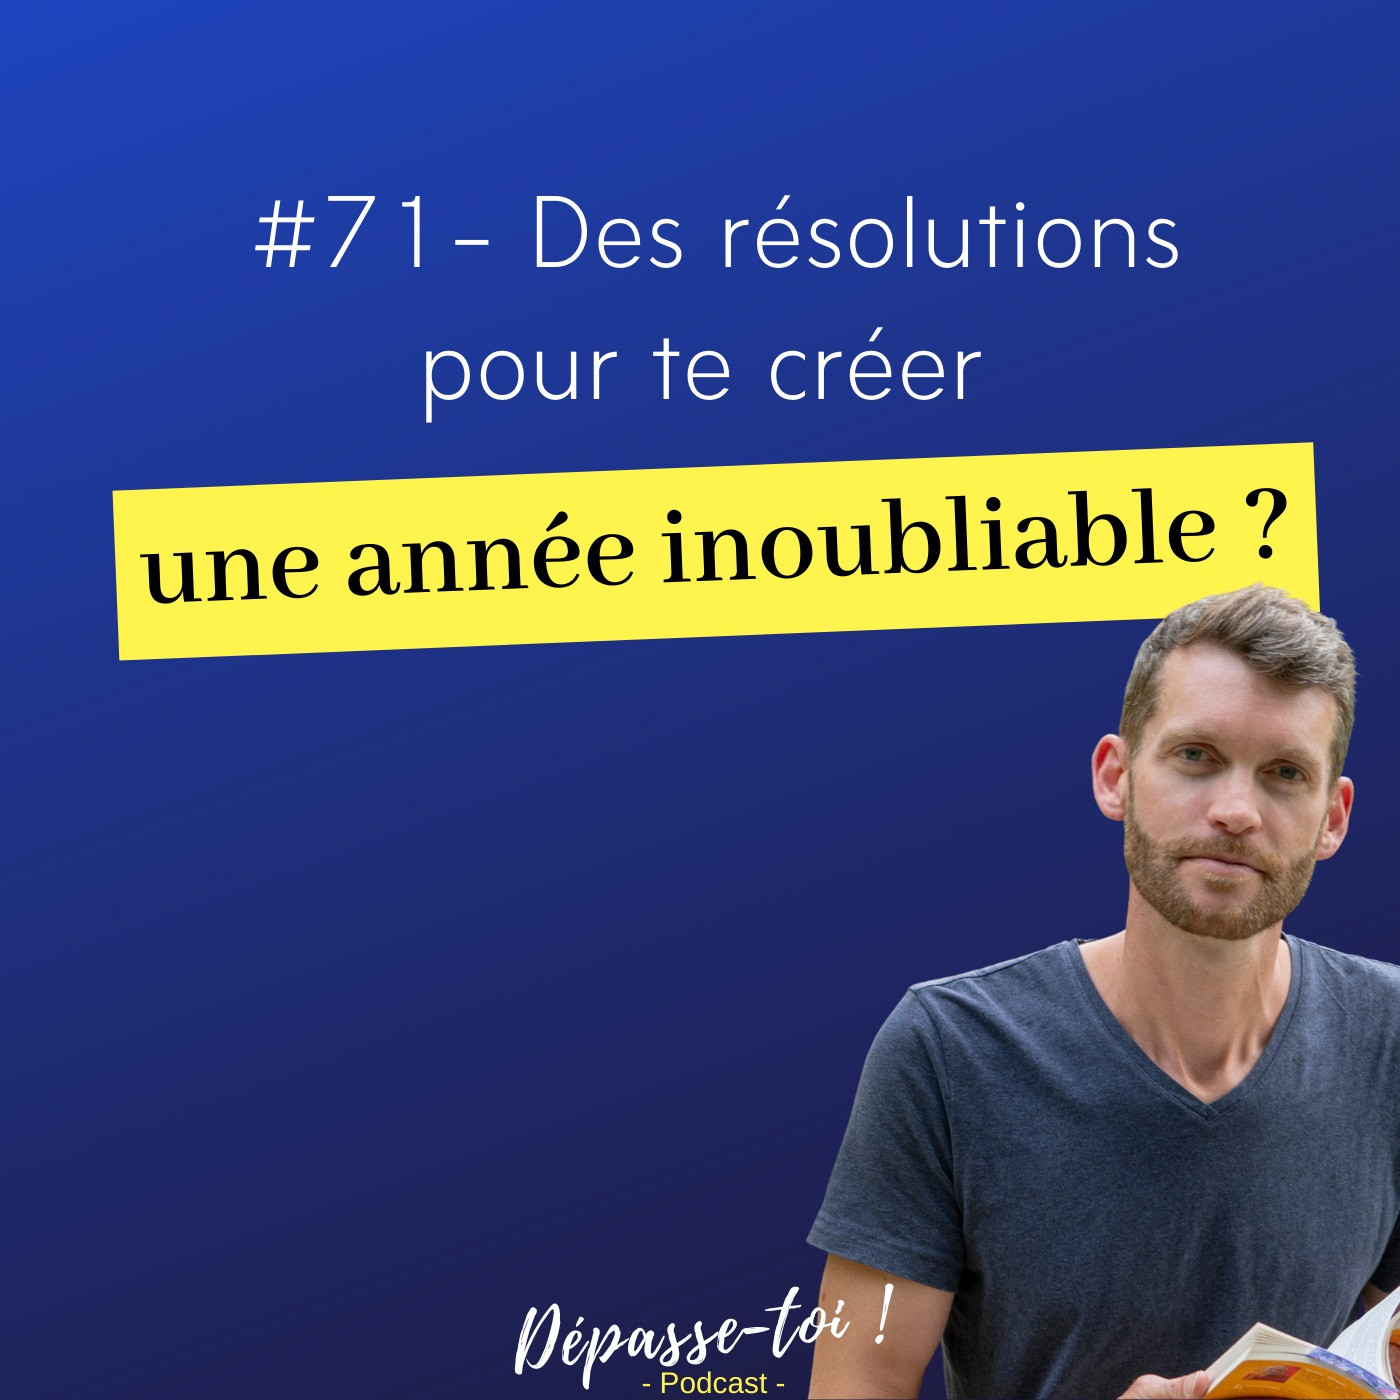 #71 - Des résolutions pour te créer une année inoubliable ?